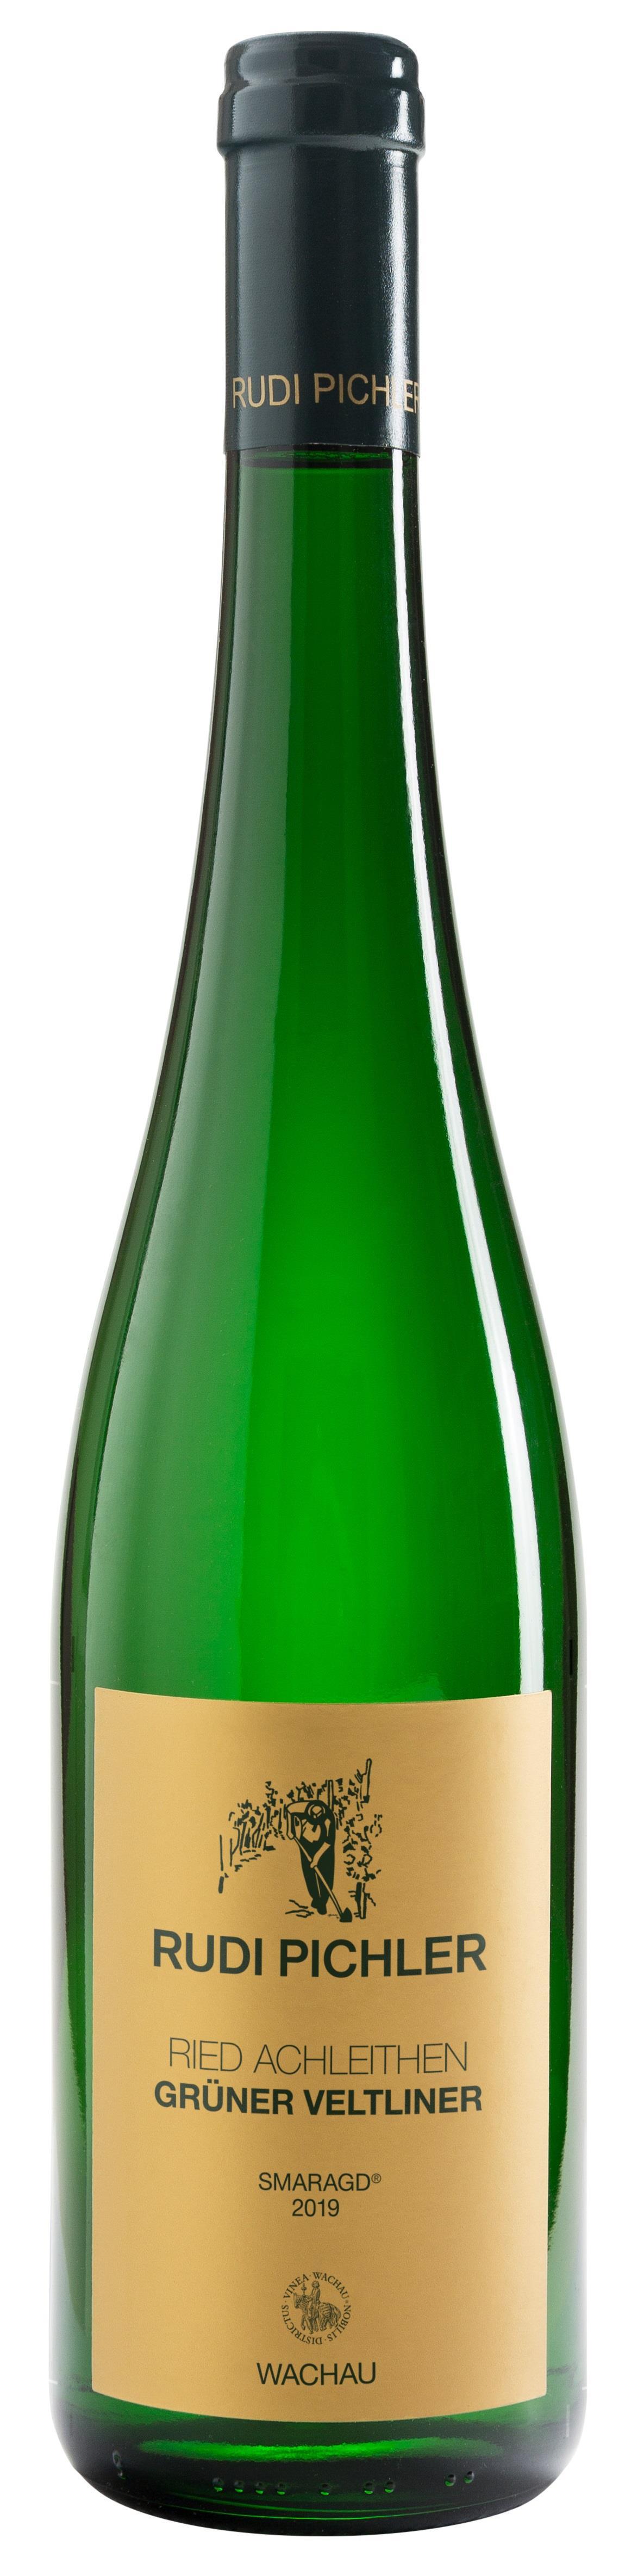 2019 Ried Achleithen Grüner Veltliner Smaragd